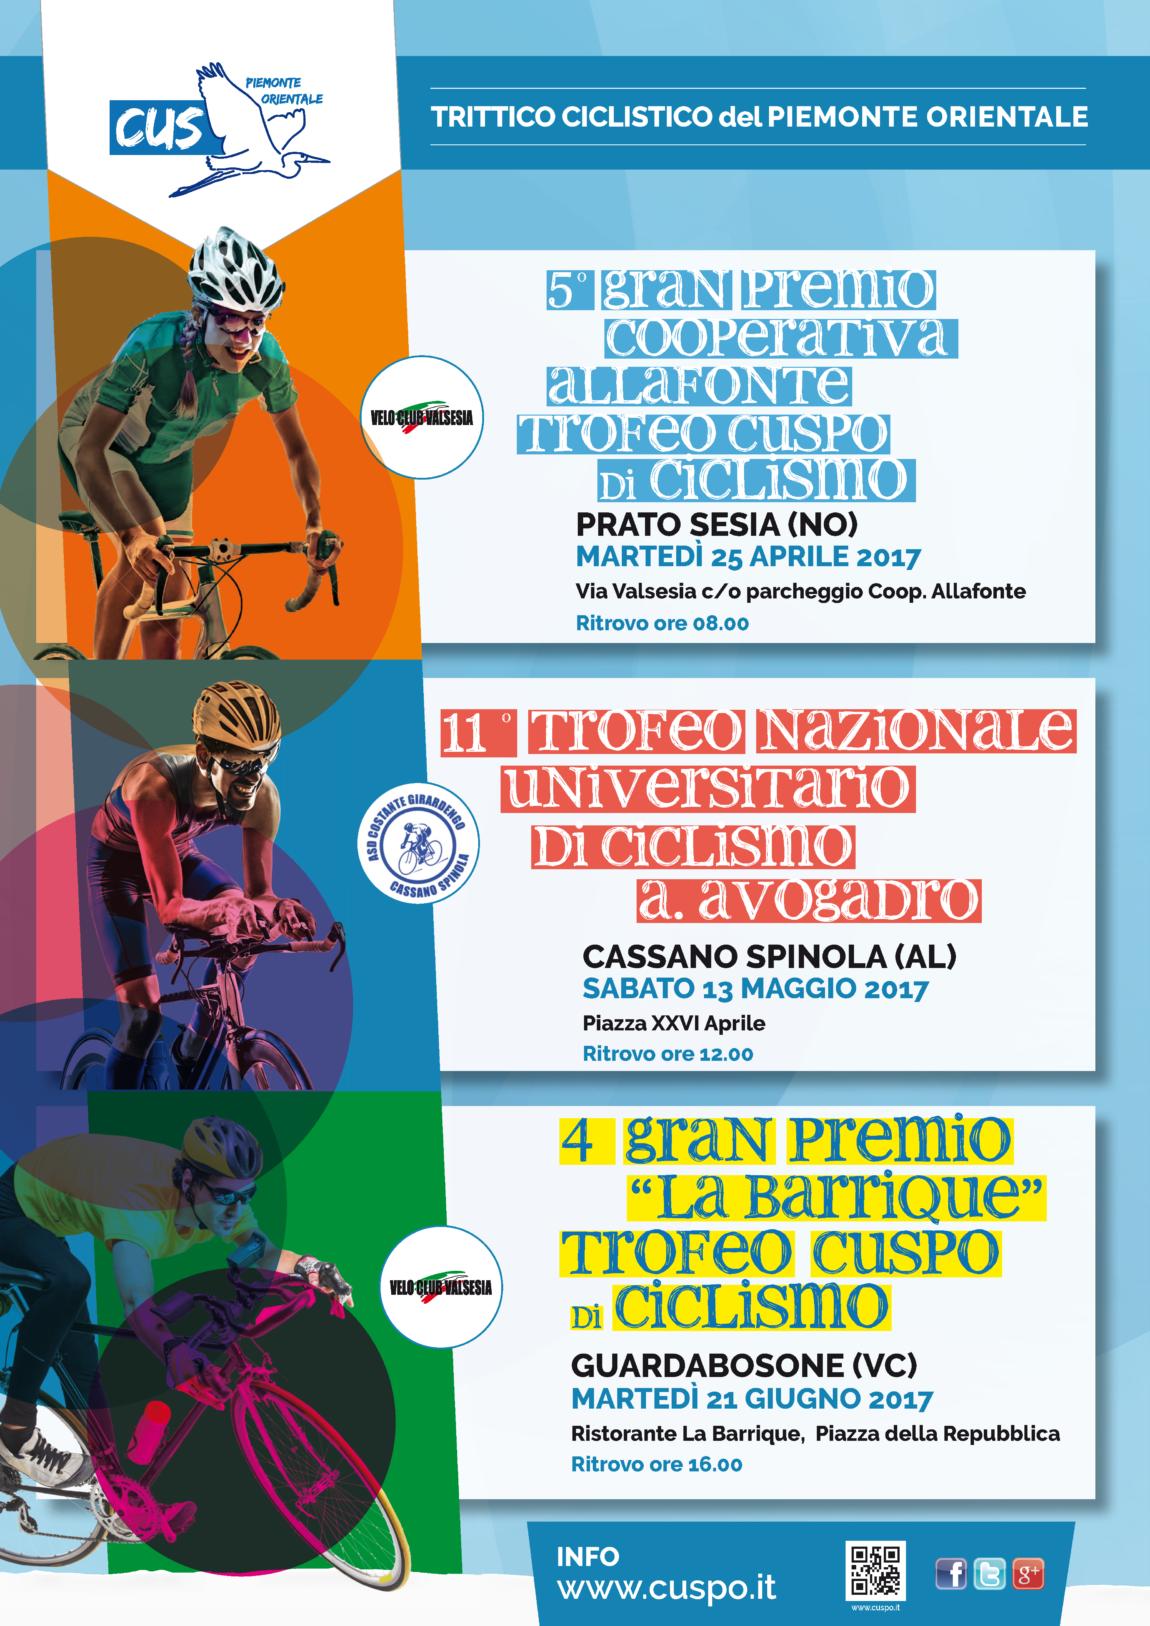 Trittico Ciclistico del Piemonte Orientale 2017: tutte le date